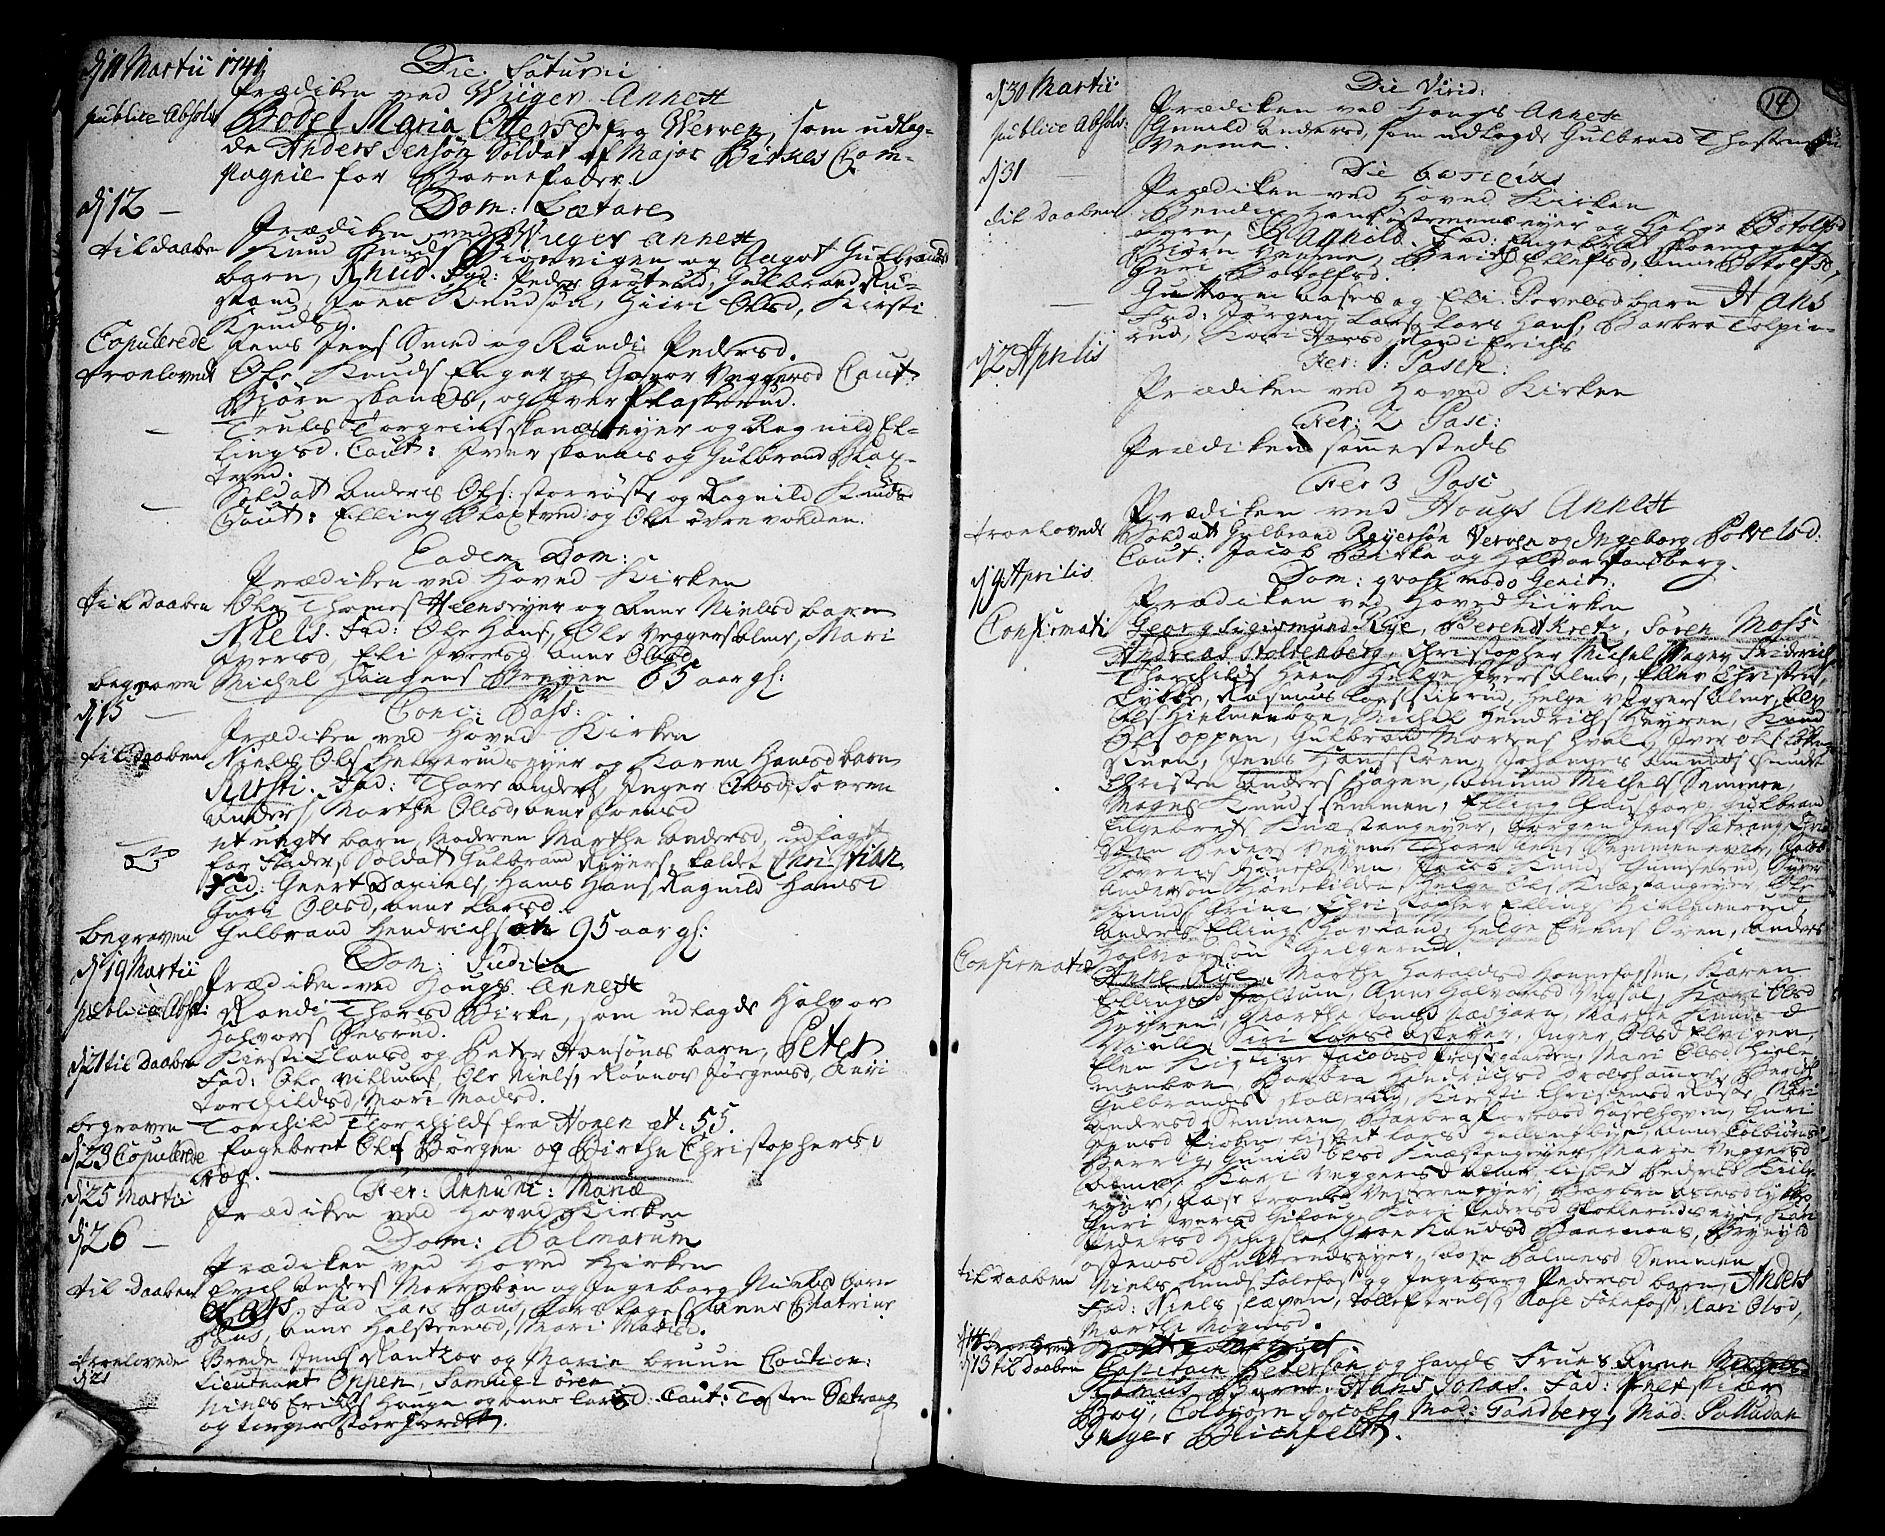 SAKO, Norderhov kirkebøker, F/Fa/L0003a: Ministerialbok nr. 3, 1740-1757, s. 14